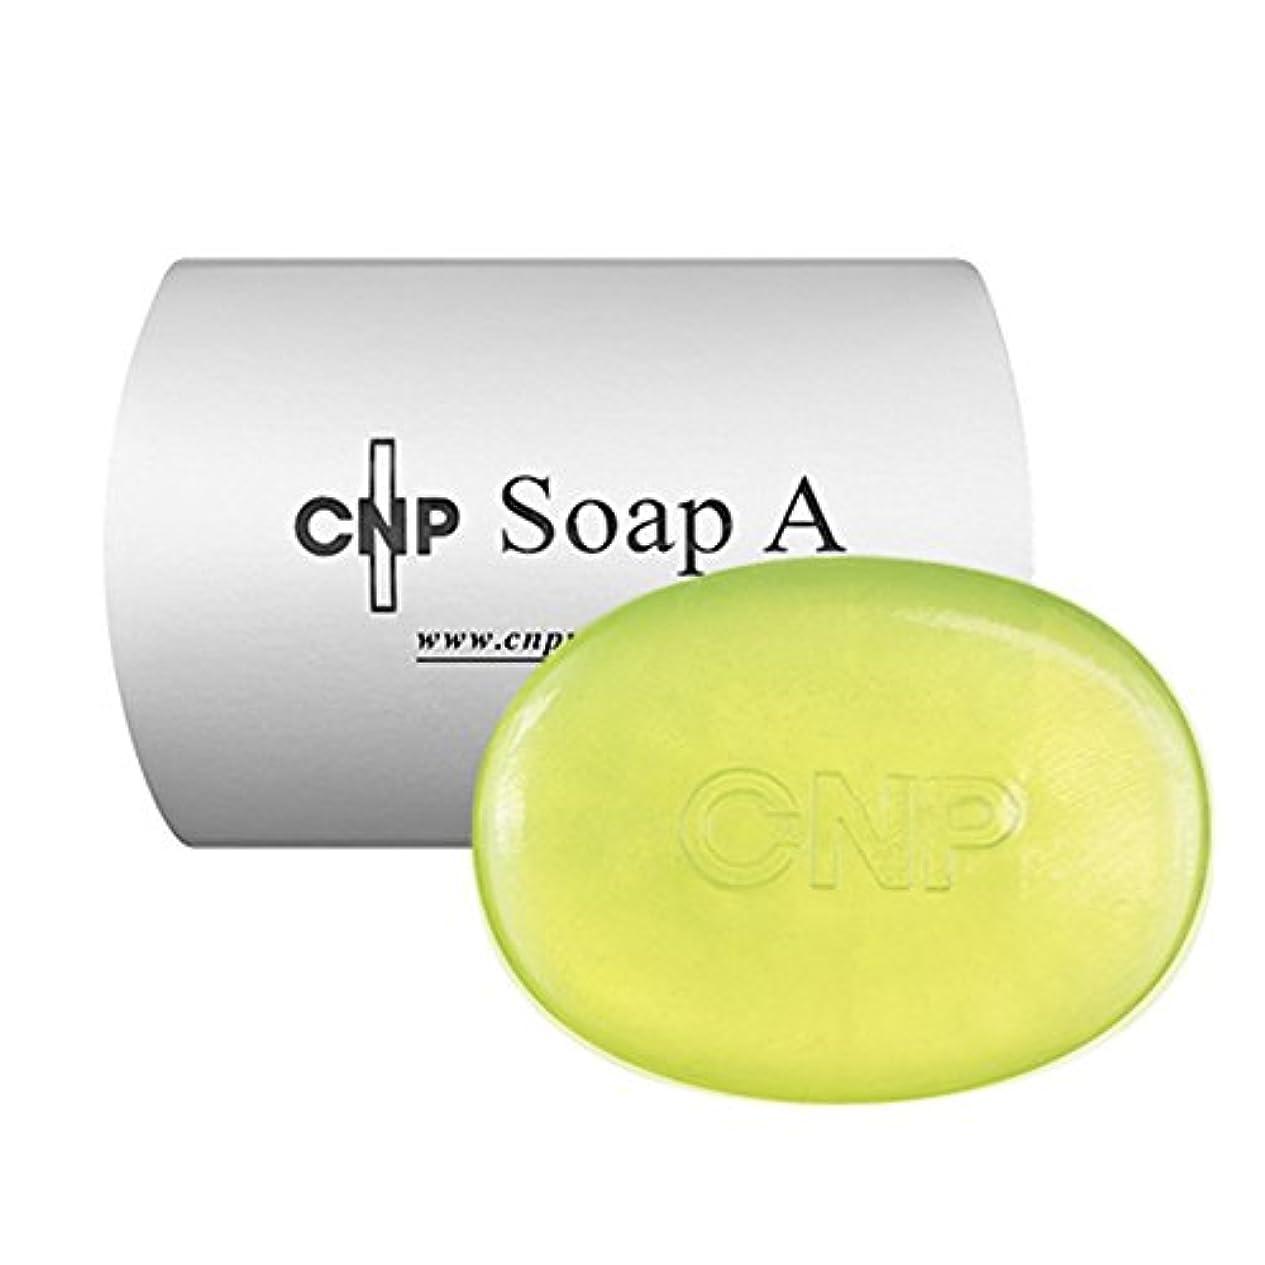 退院野な先行するCNP Soap A チャアンドパク ソープ A [並行輸入品]